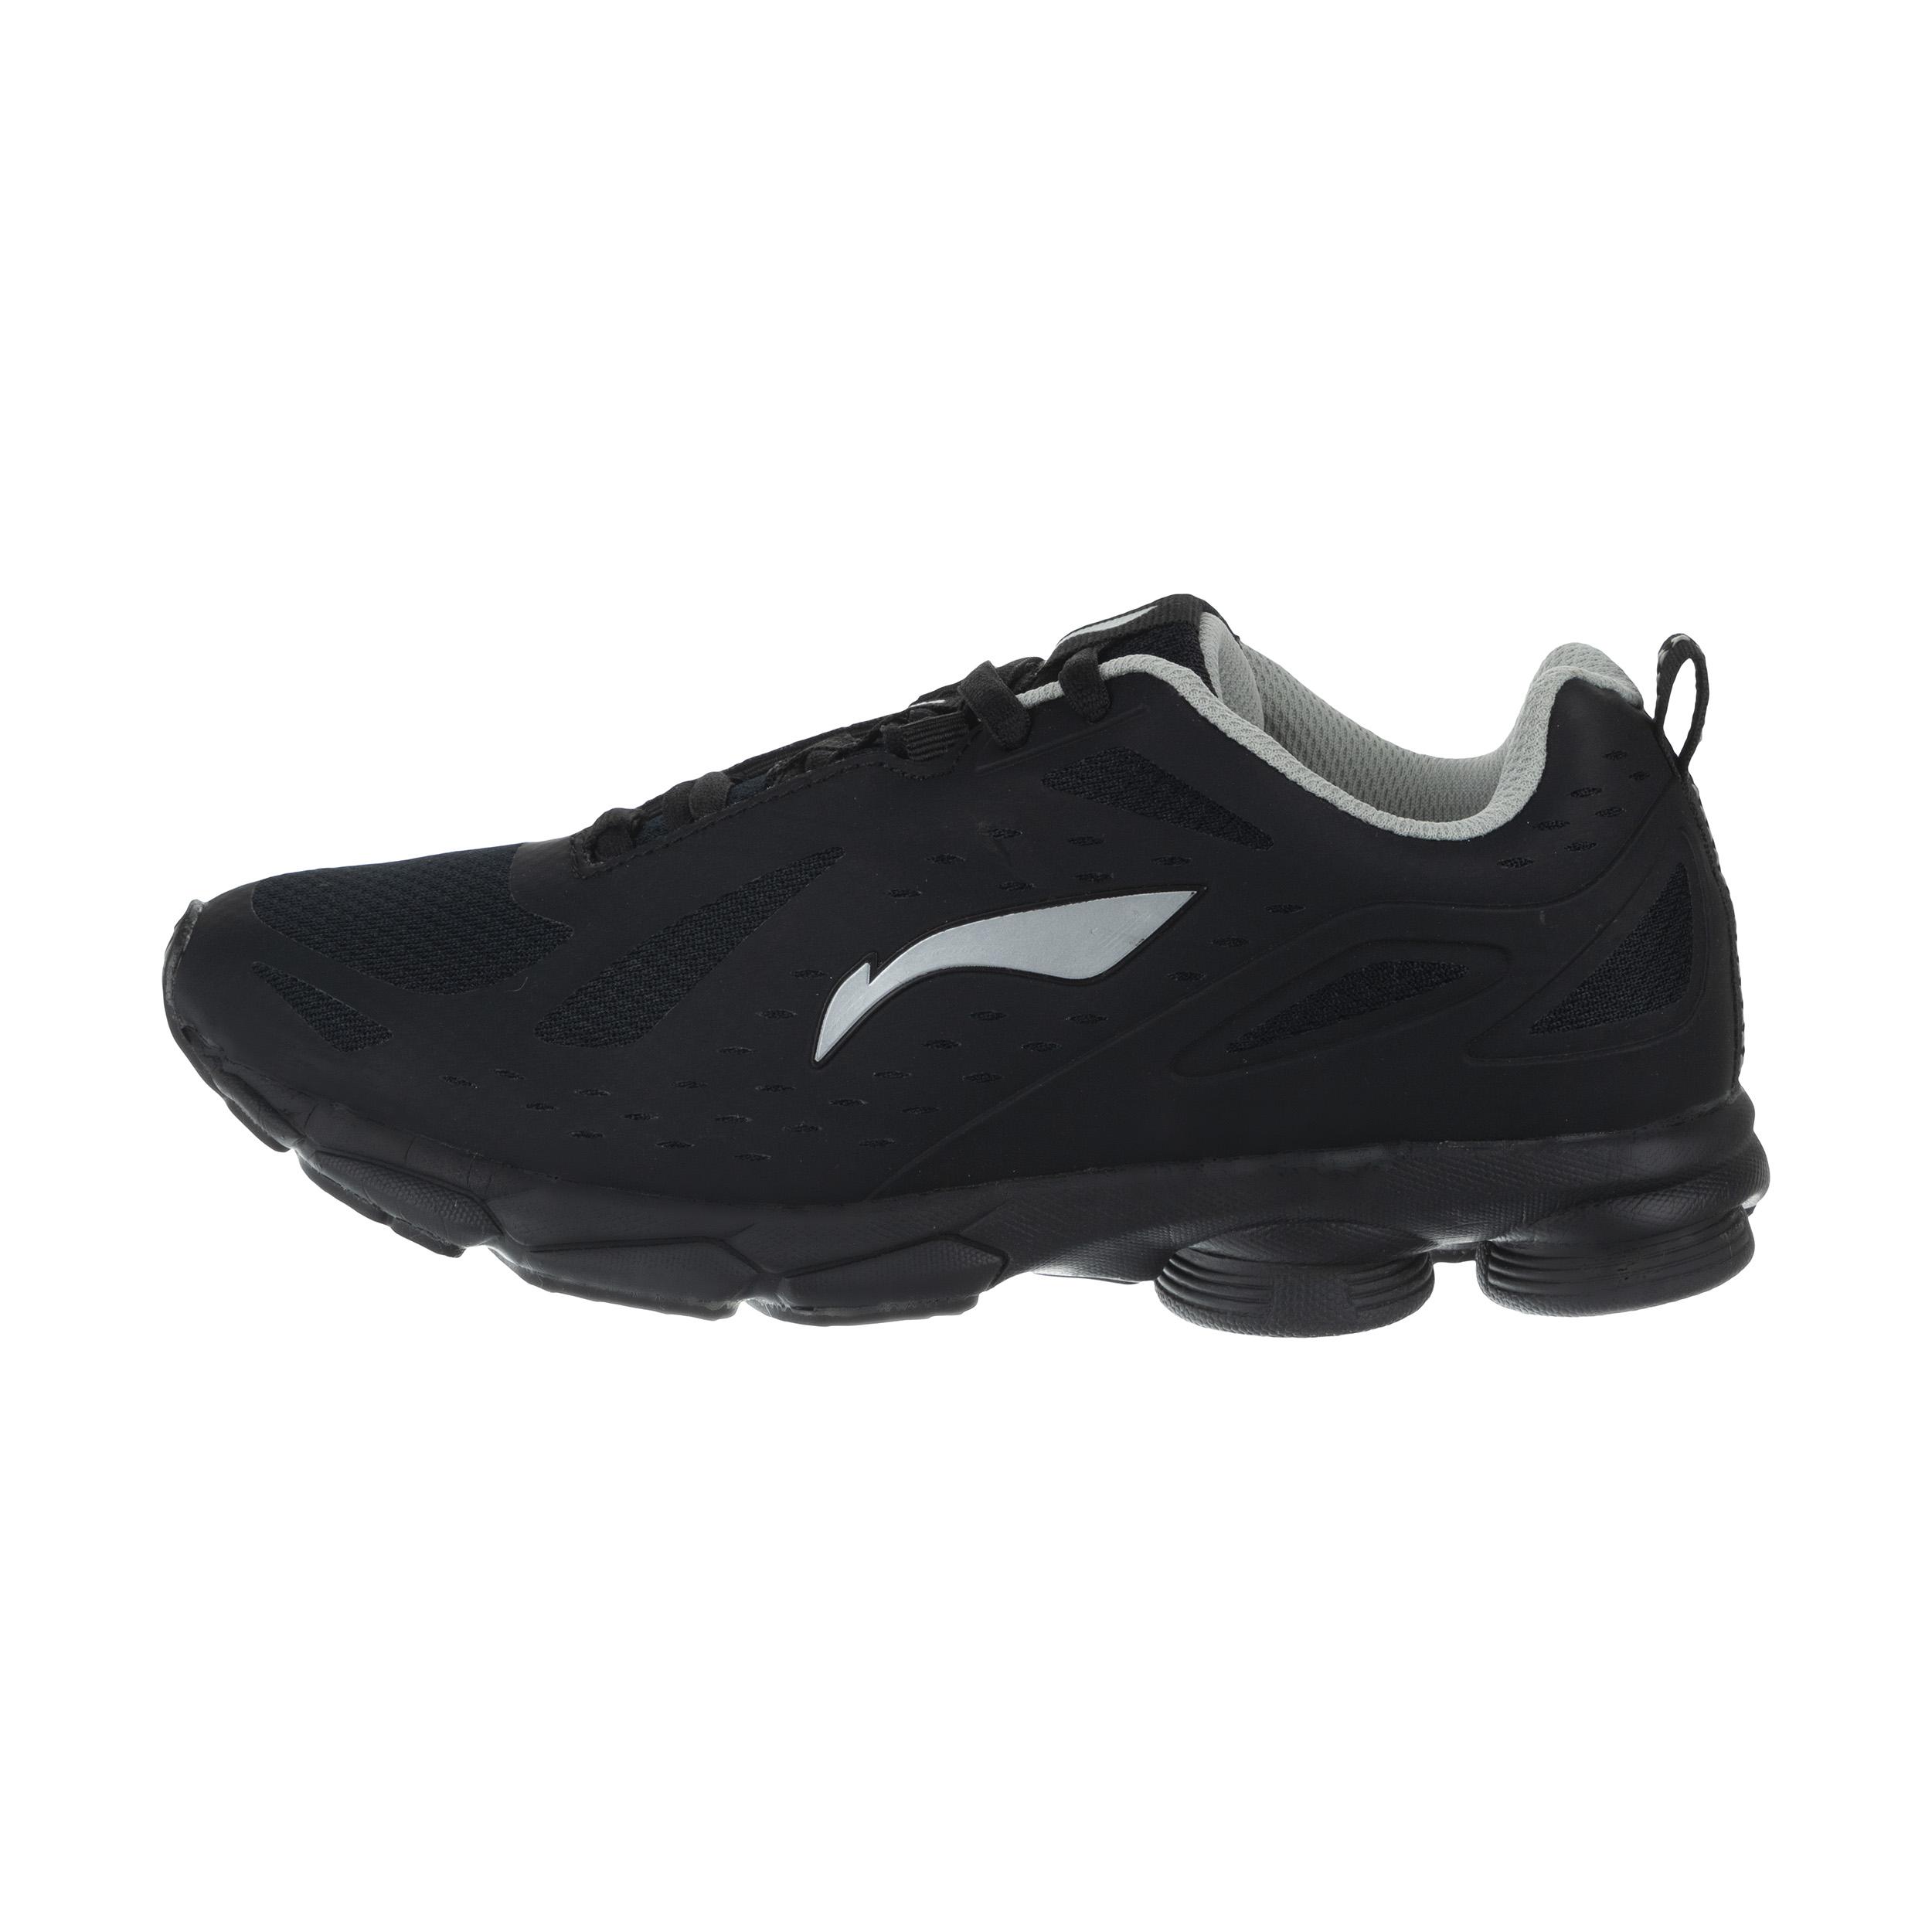 کفش مخصوص پیاده روی زنانه ویوا کد 3643